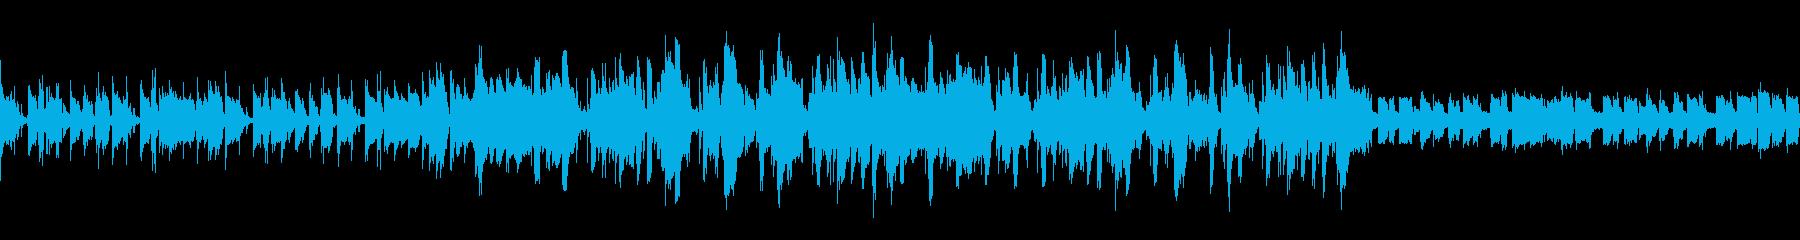 ループ仕様のR&B系楽曲の再生済みの波形